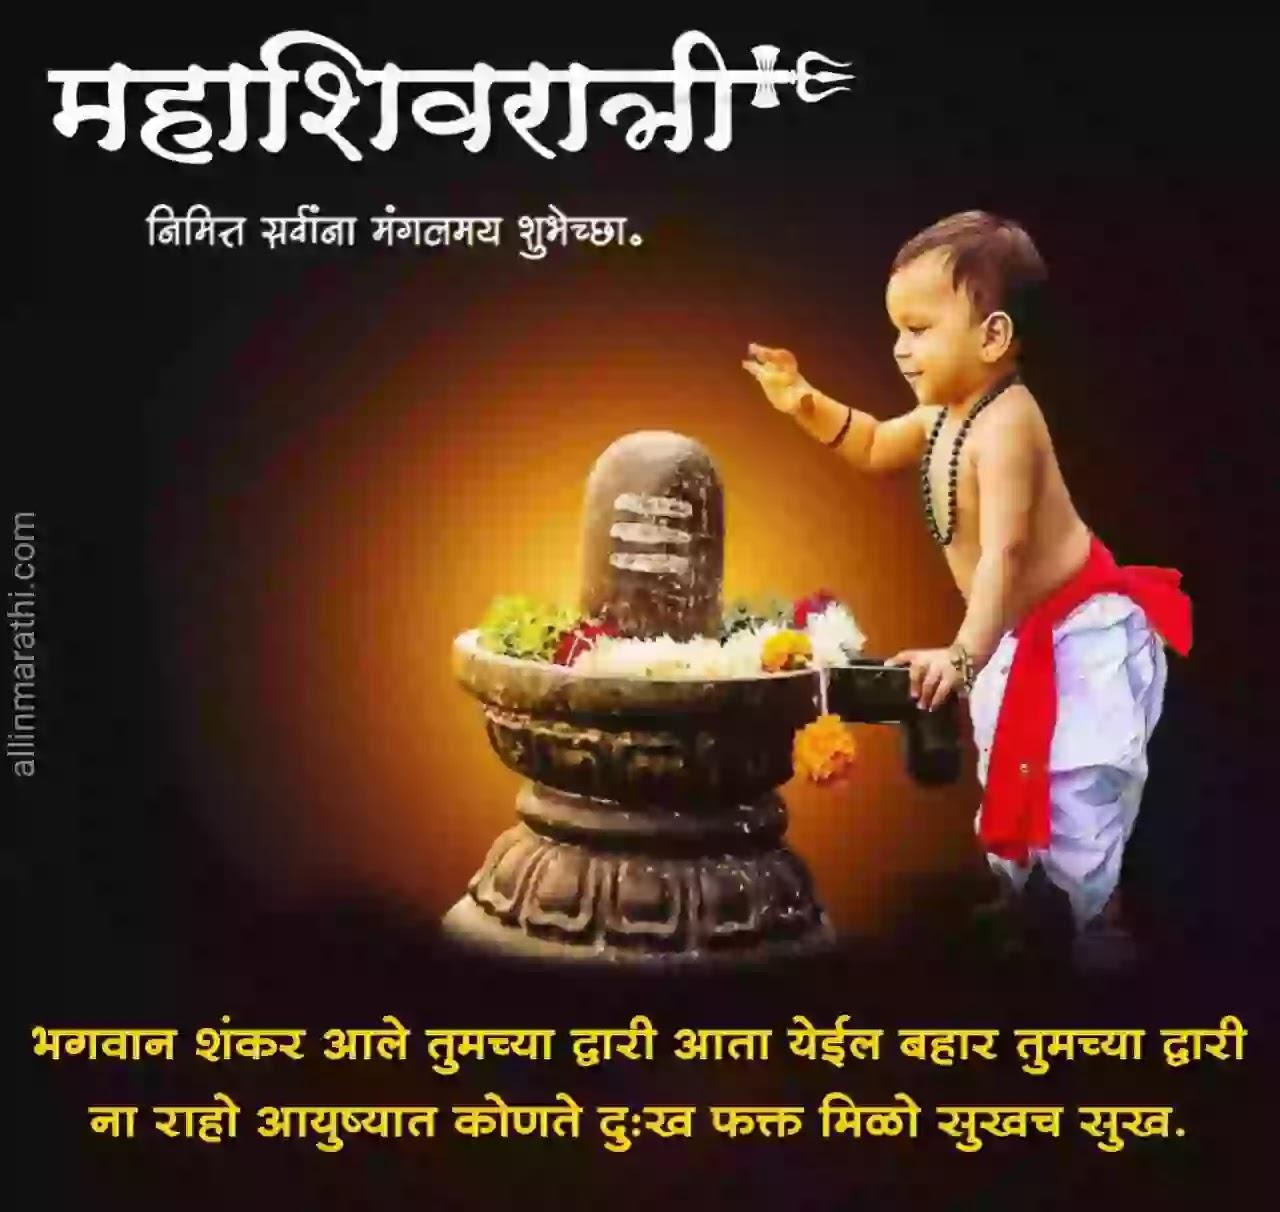 Mahashivratri-images-marathi